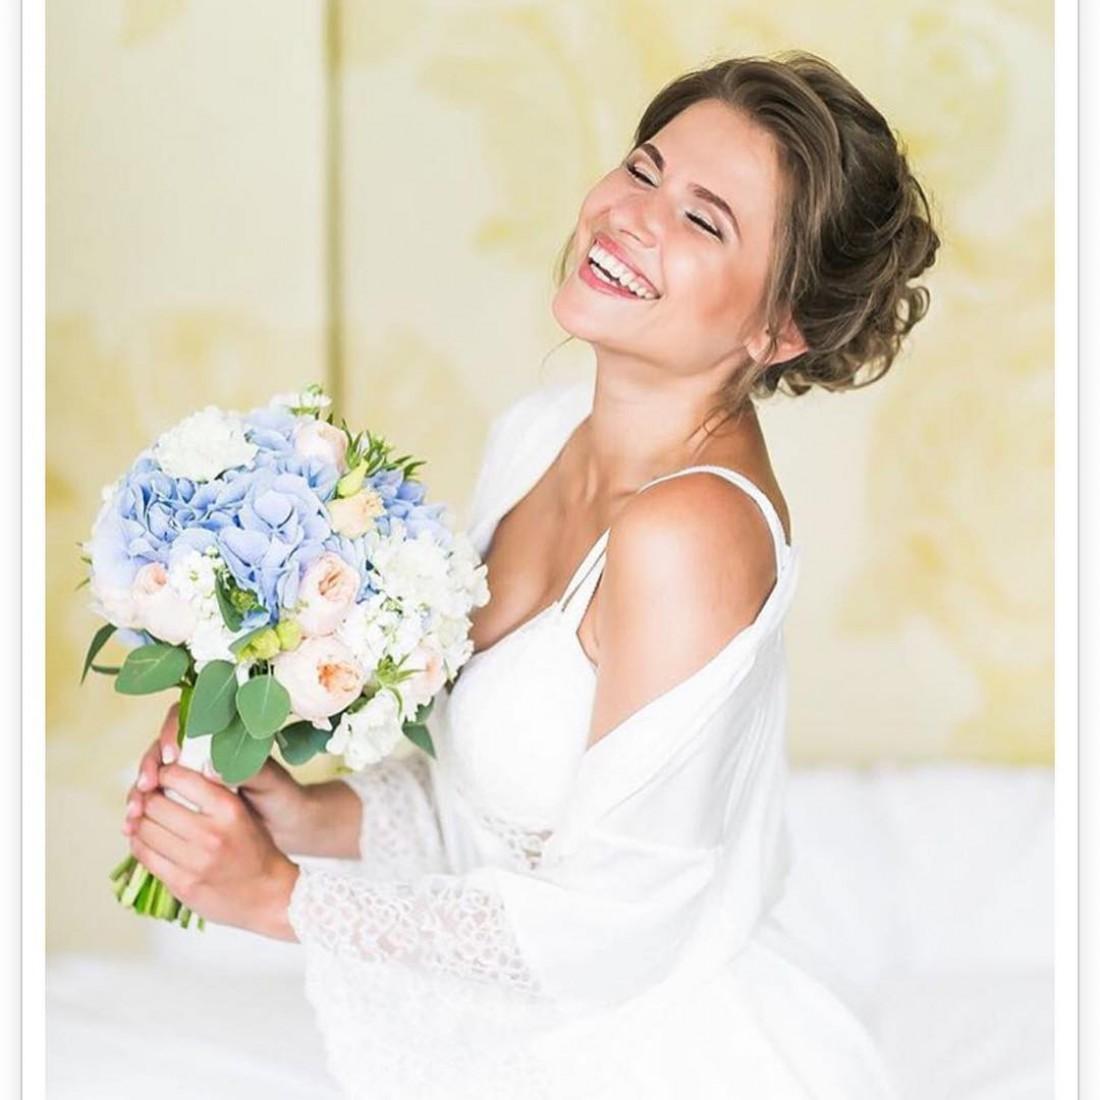 Юлия Топольницкая. Фото, которое опубликовал Шнуров